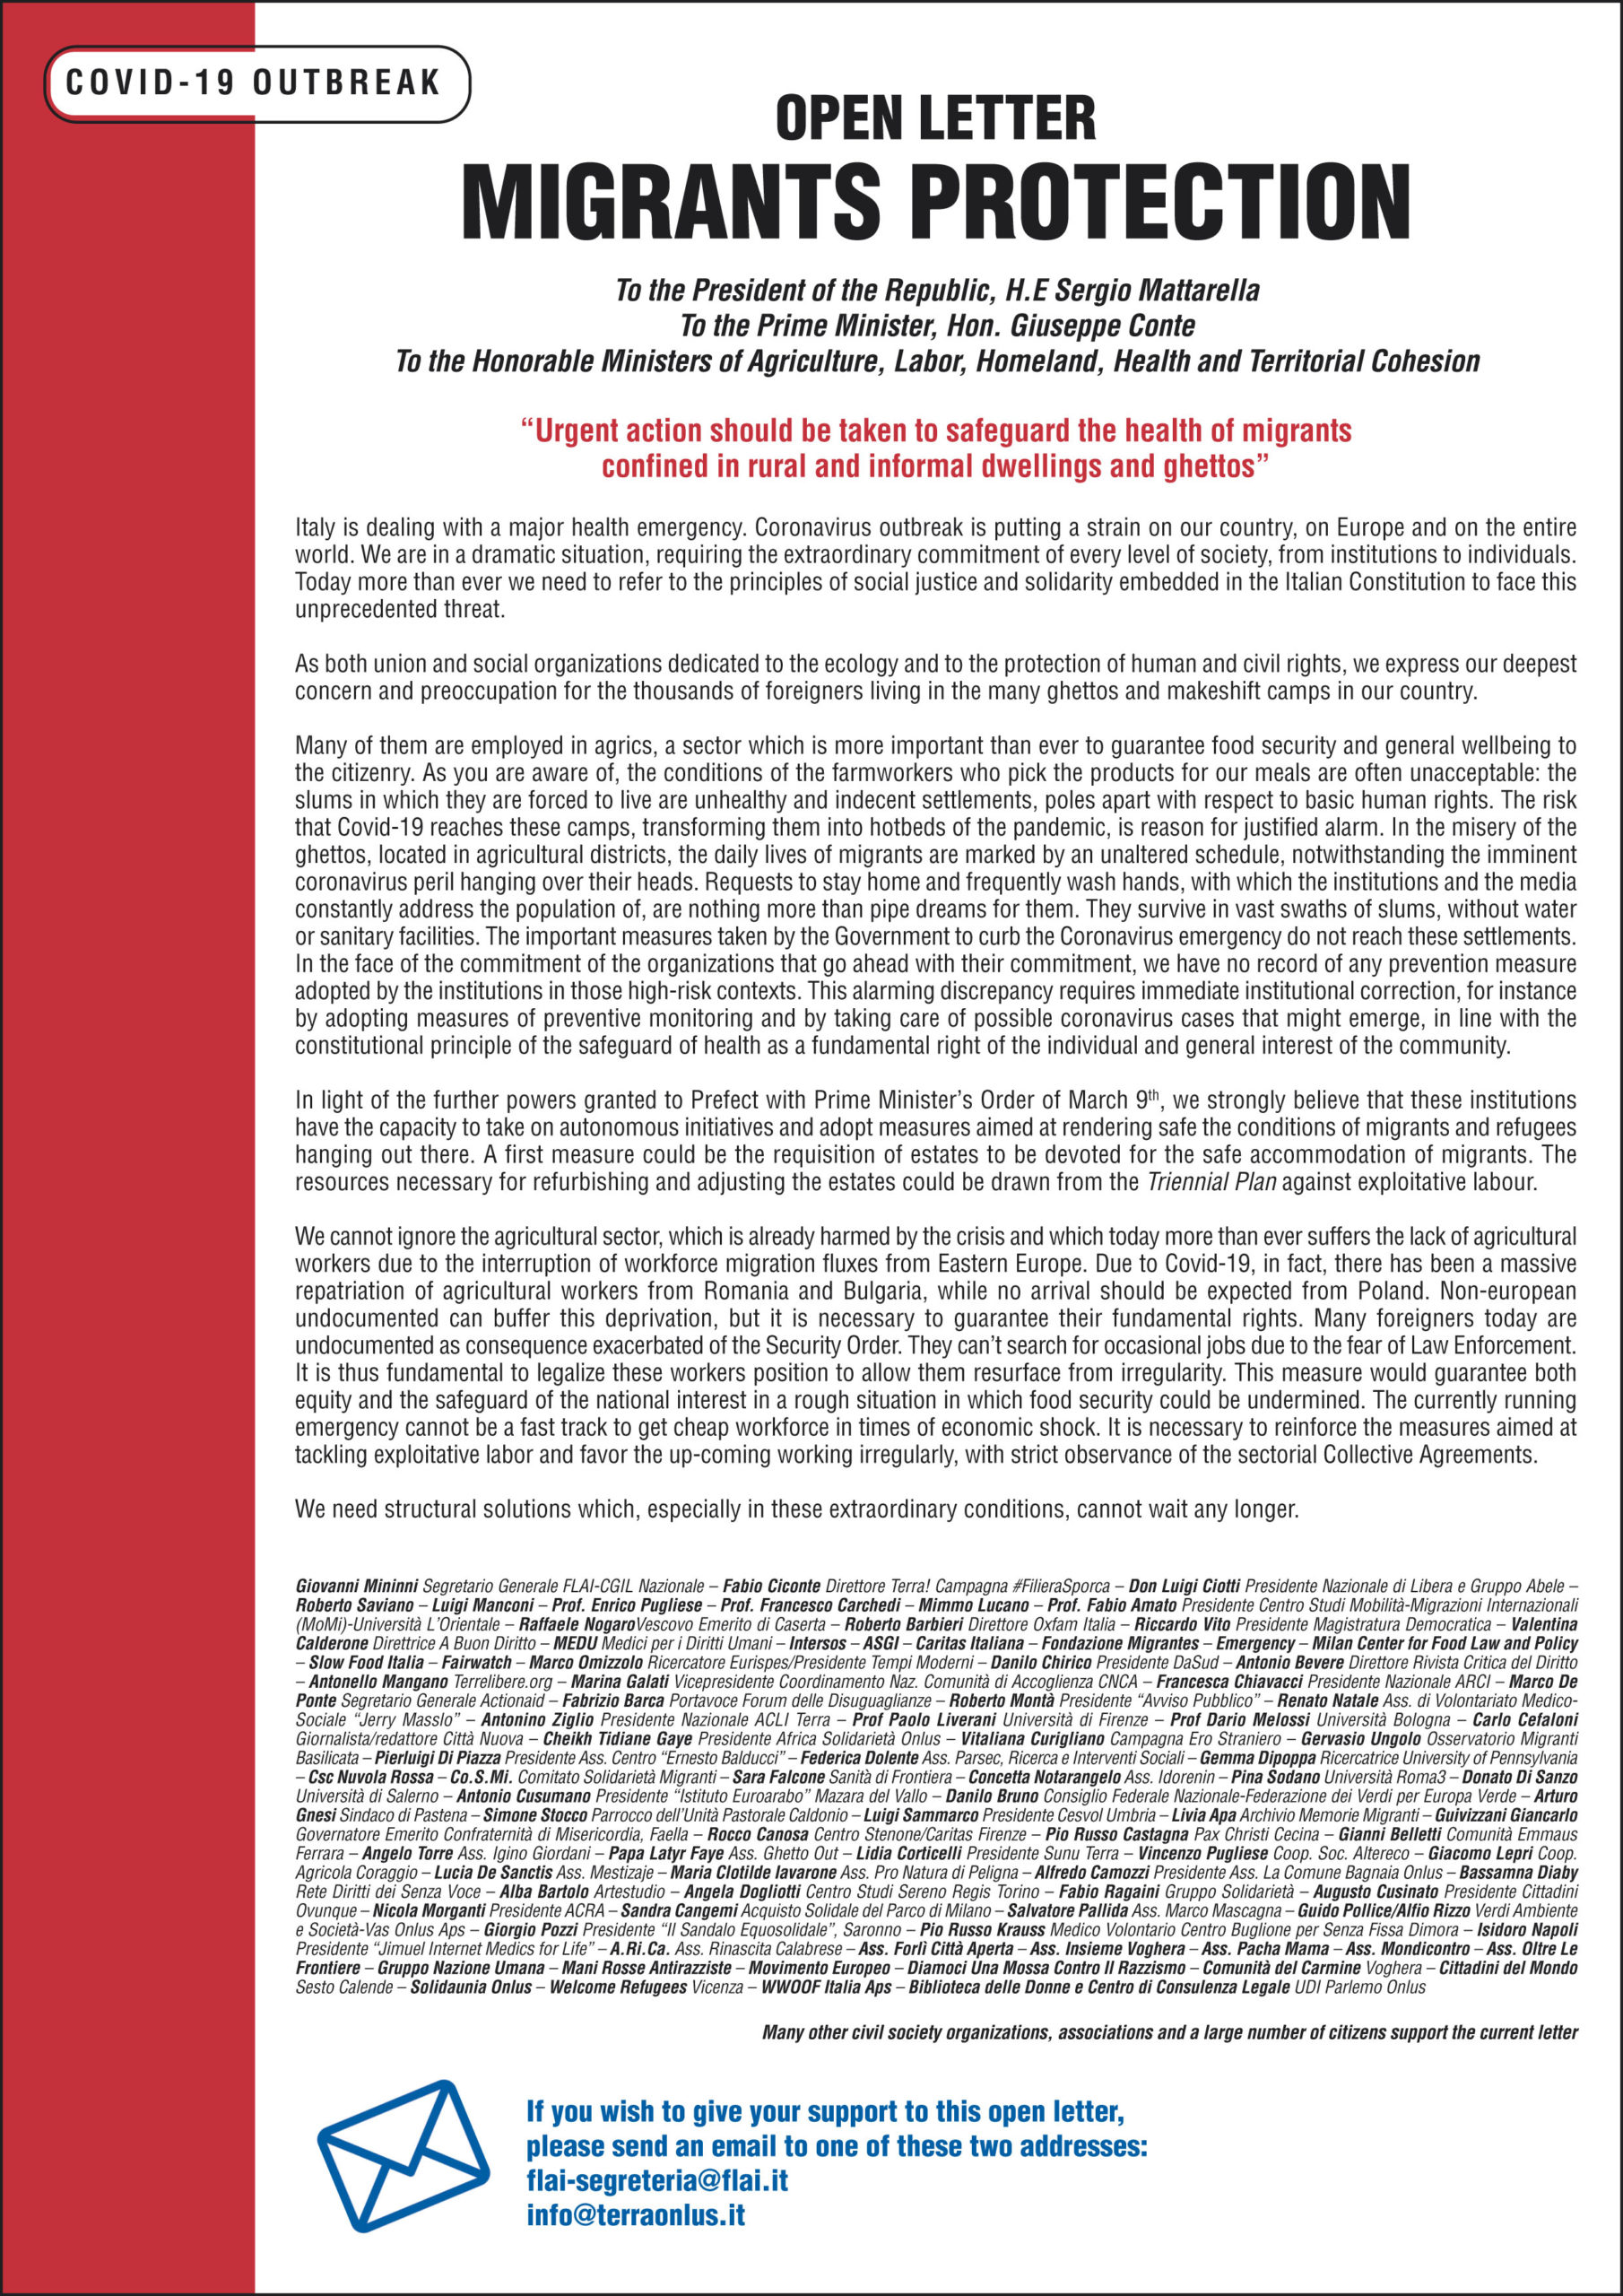 Mercato Del Lavoro Previdenza Salute E Sicurezza Sul Lavoro Flai Cgil